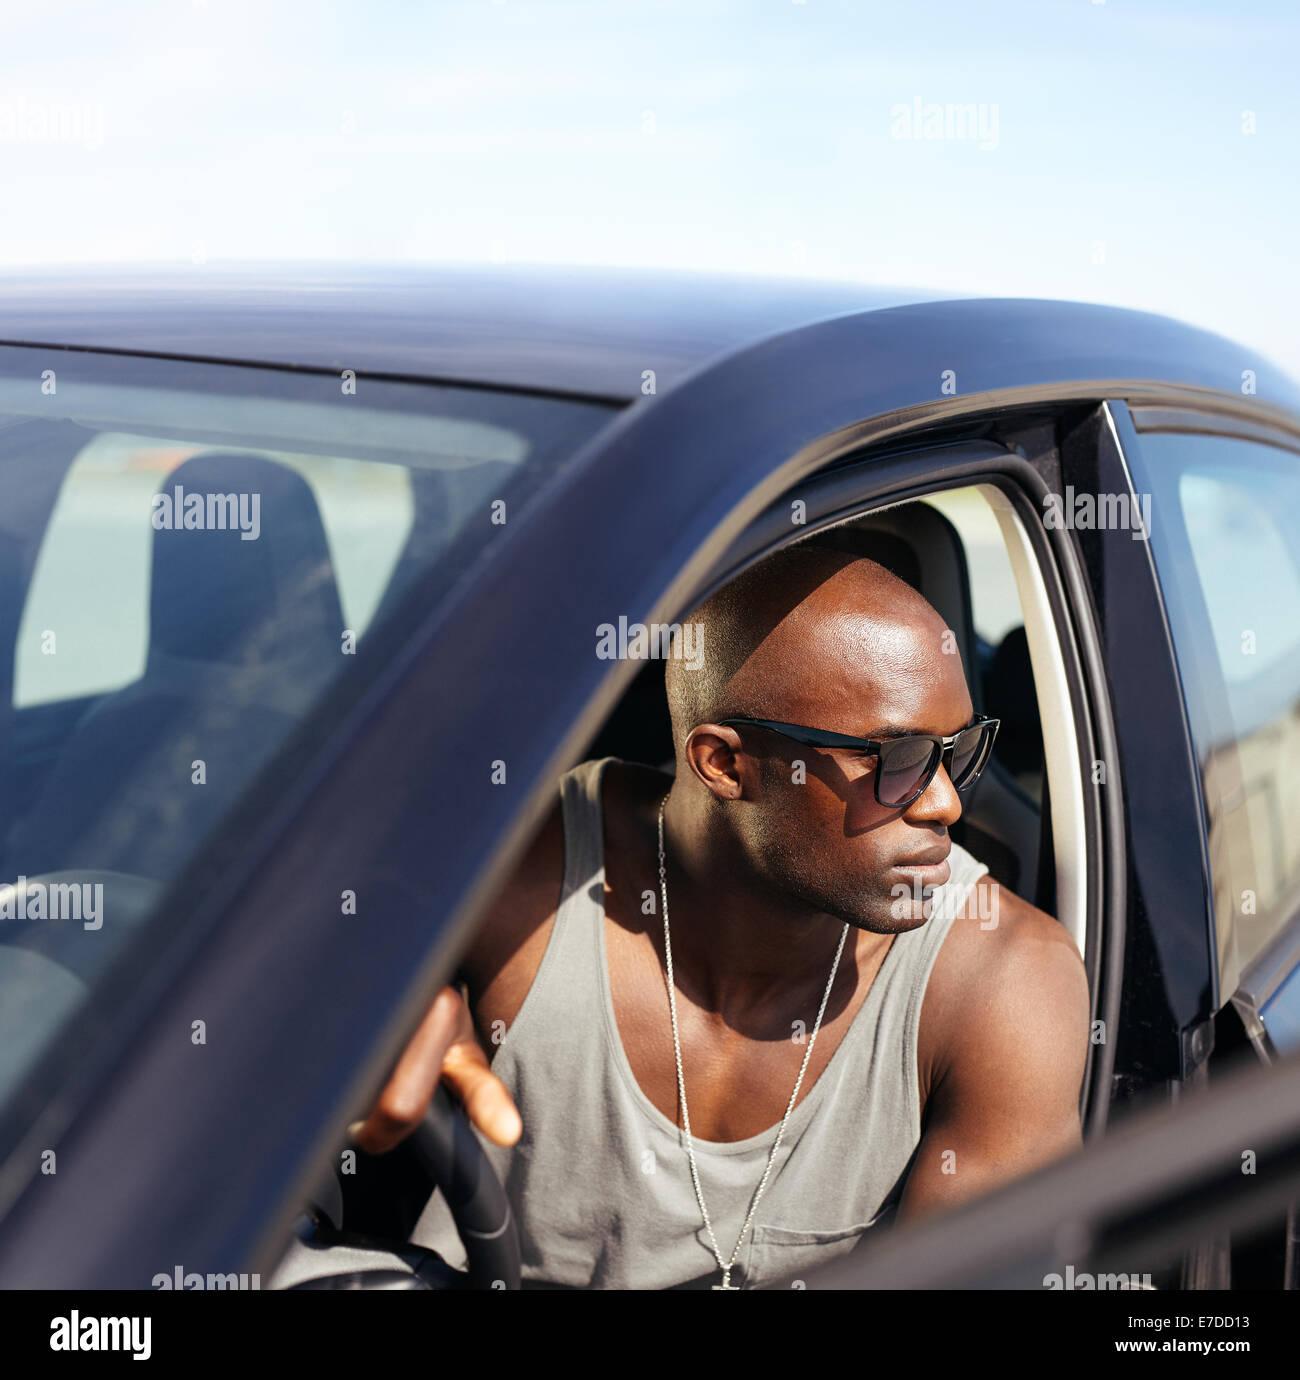 Afro american Kerl sitzt in seinem Auto wegsehen. Muskulösen jungen Mann am Steuer seines Wagens. Stockbild